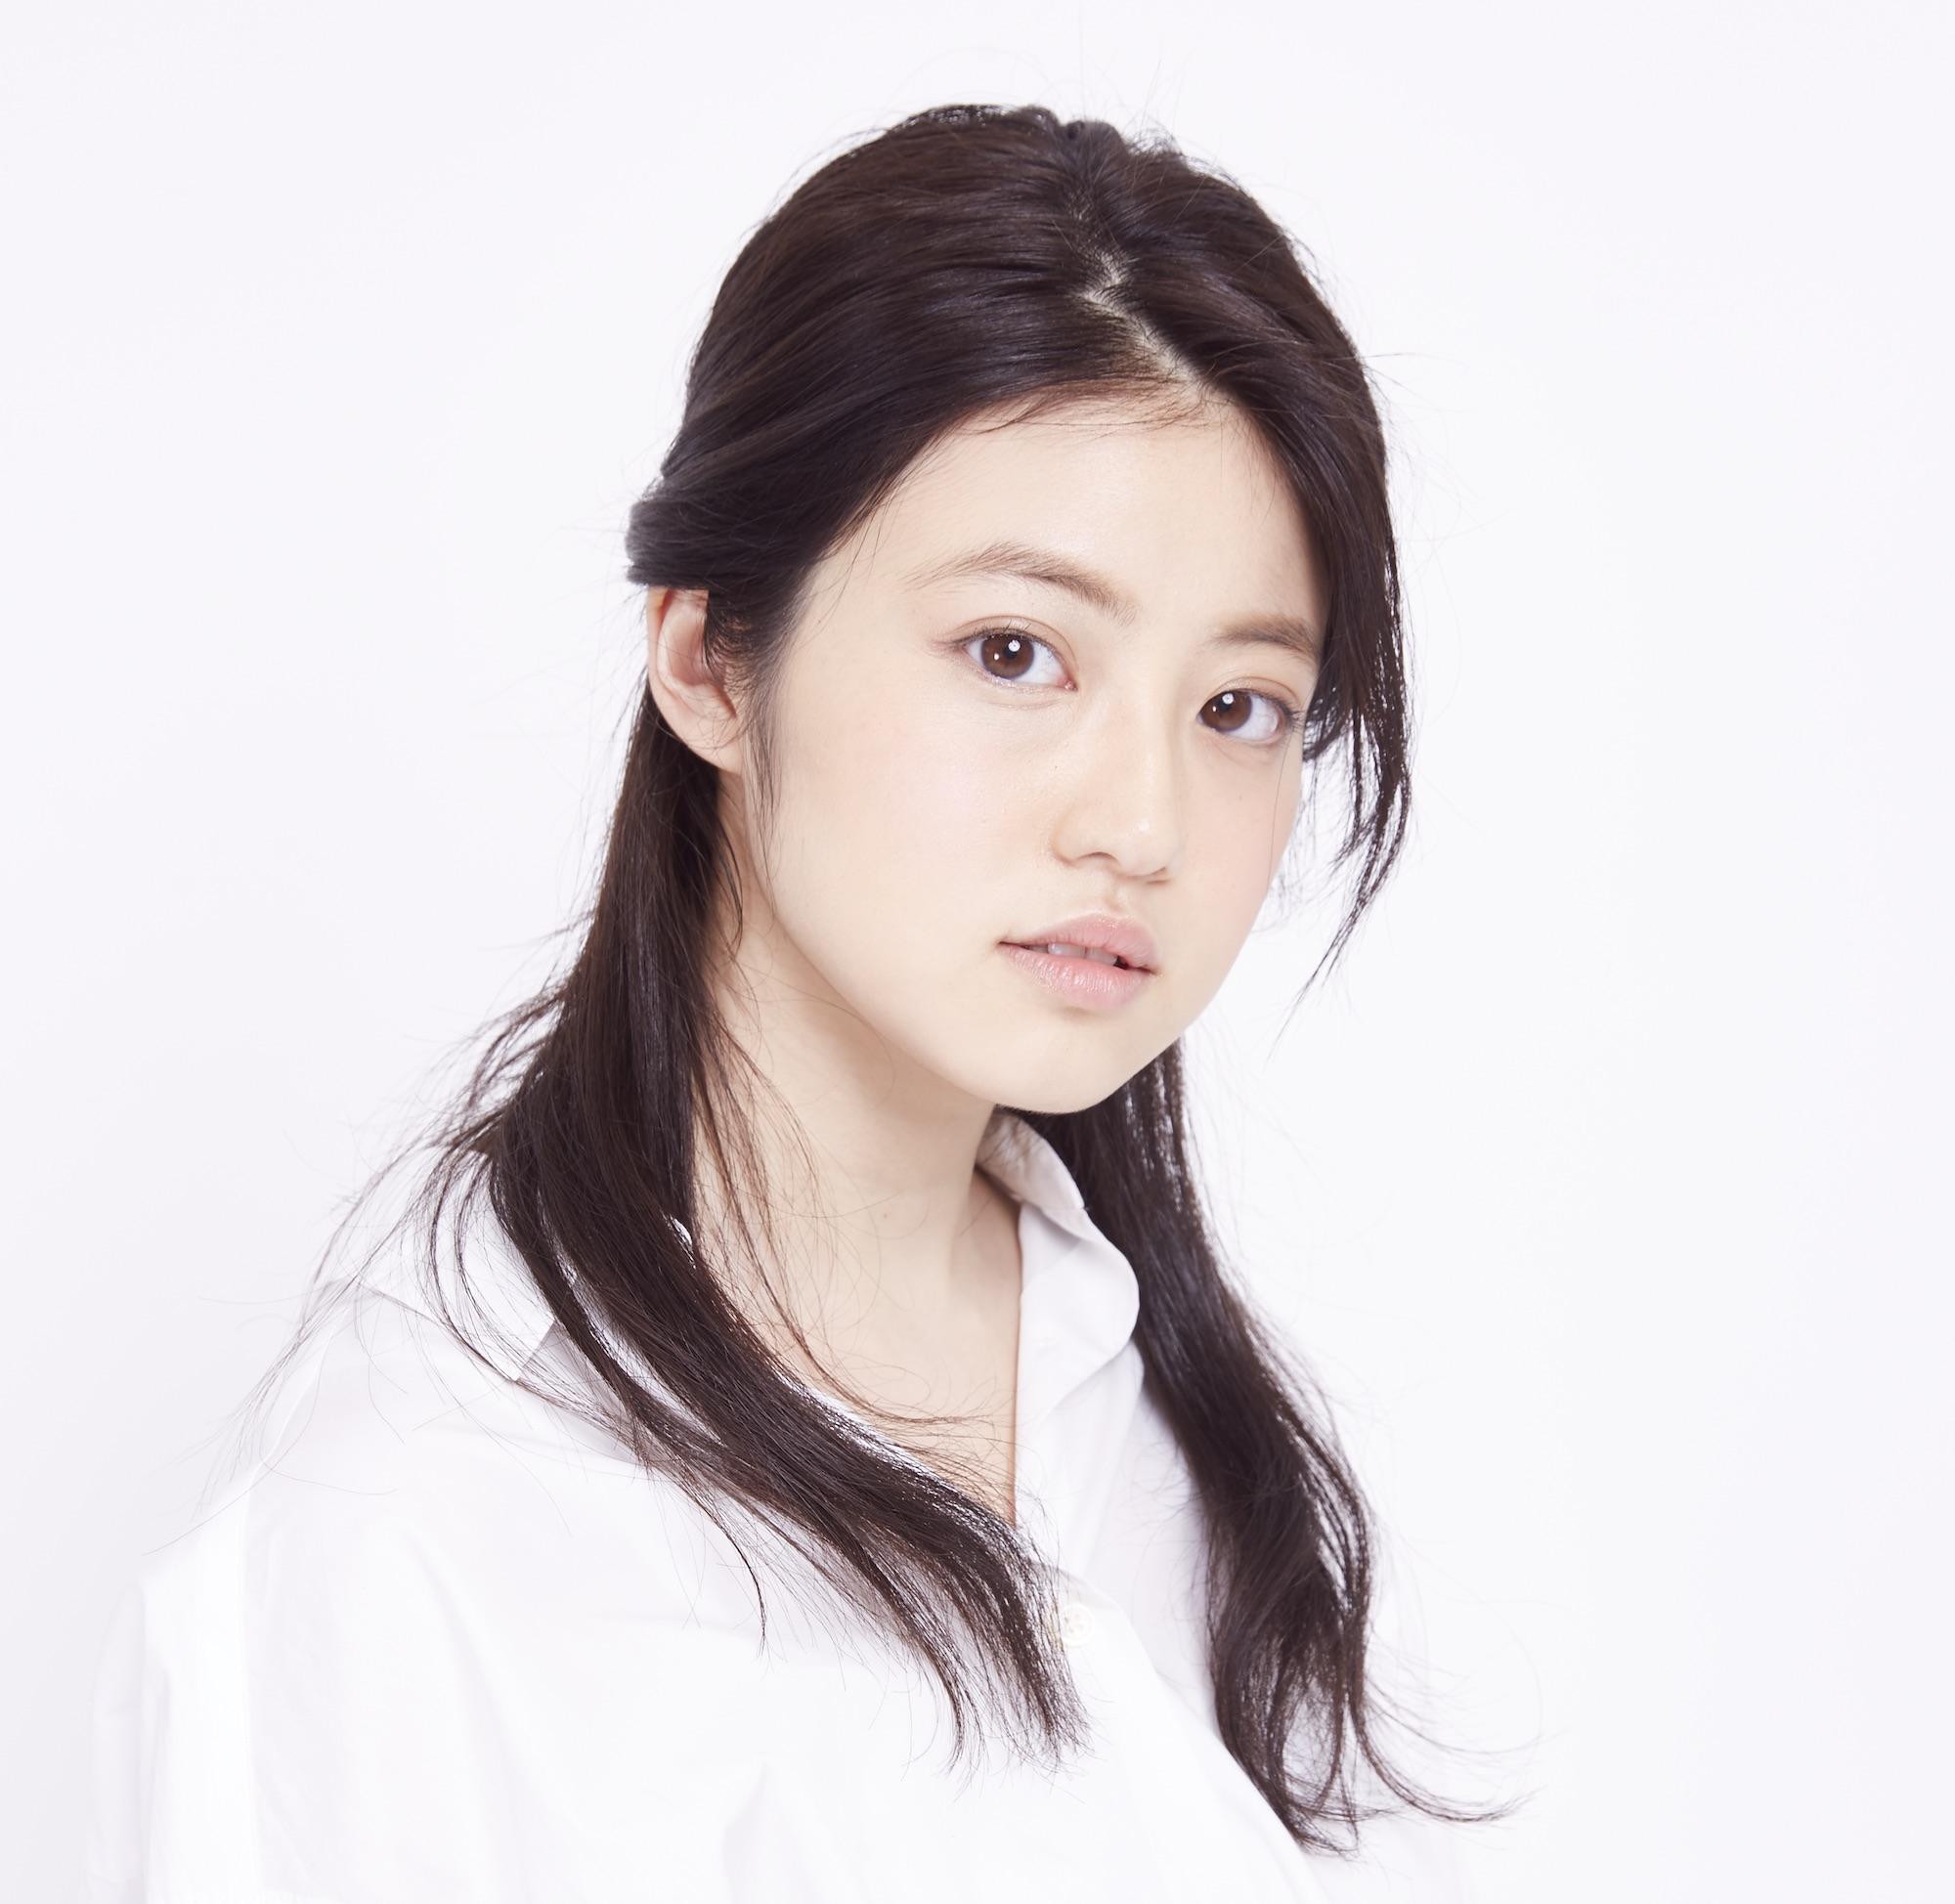 映画・ドラマで活躍!人気急上昇中の今田美桜が仕事とこれからについて語る「もっともっといろんな役に挑戦していきたい」【インタビュー】